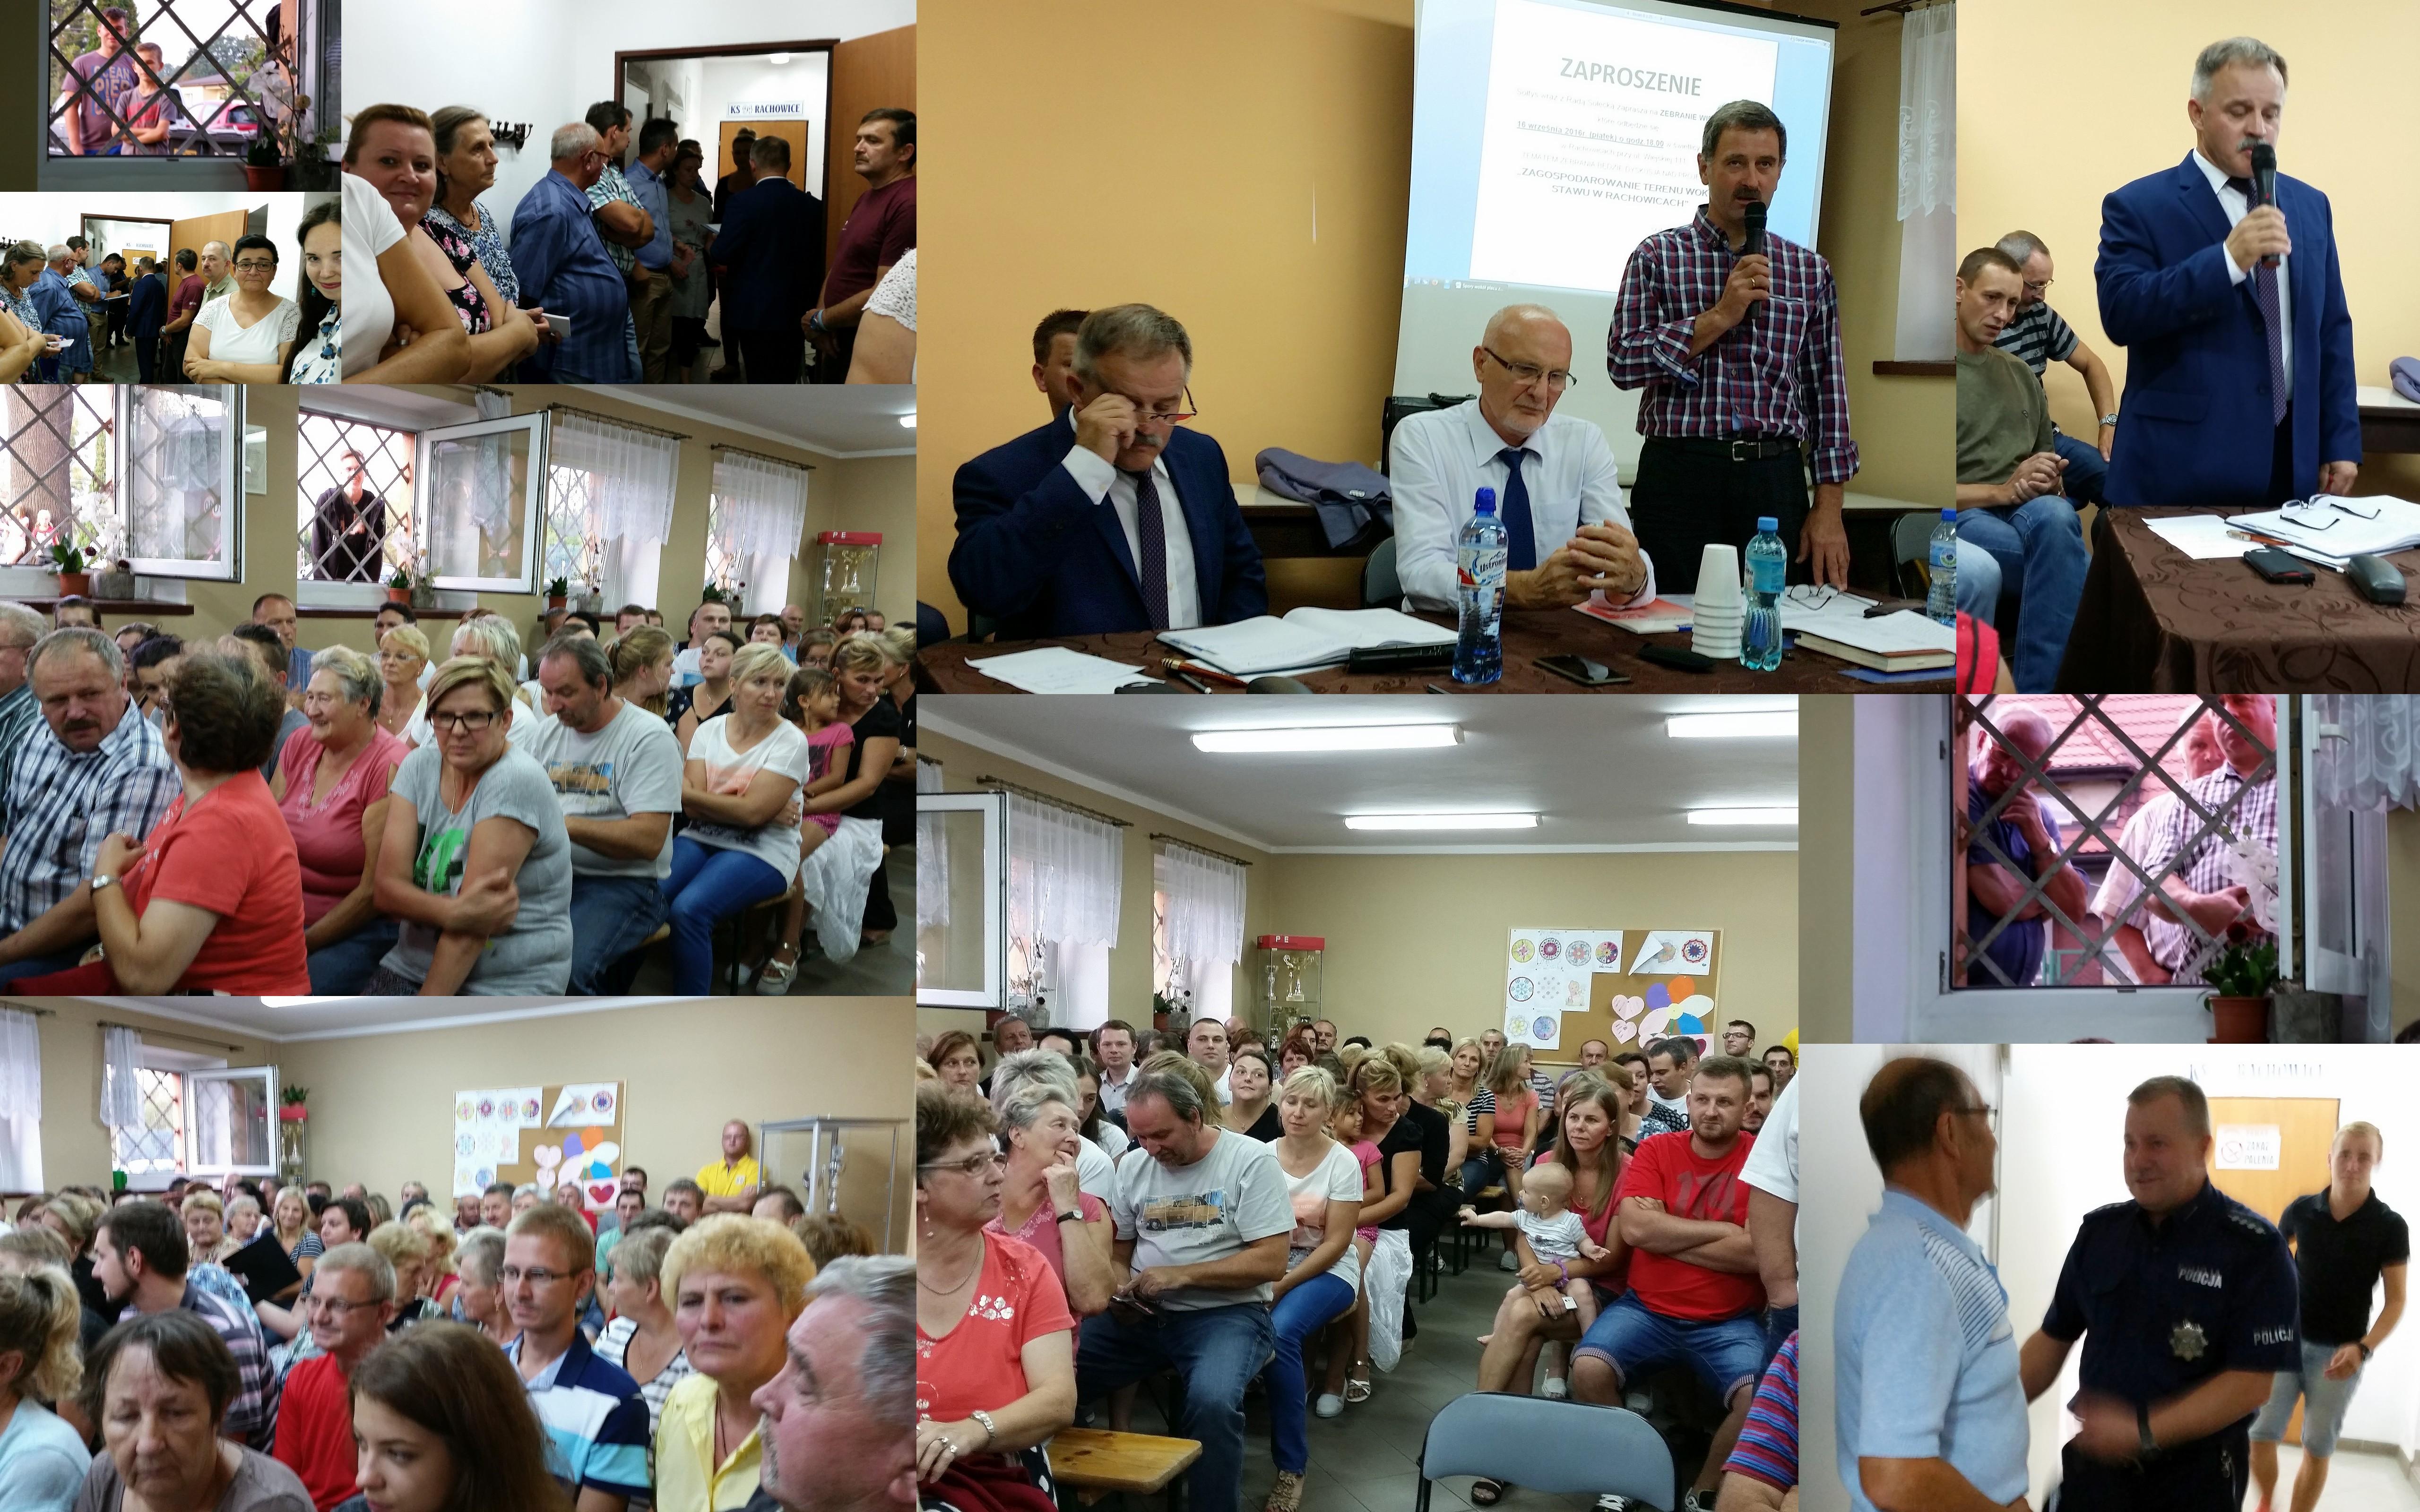 zebranie-wiejskie-16-09-2016